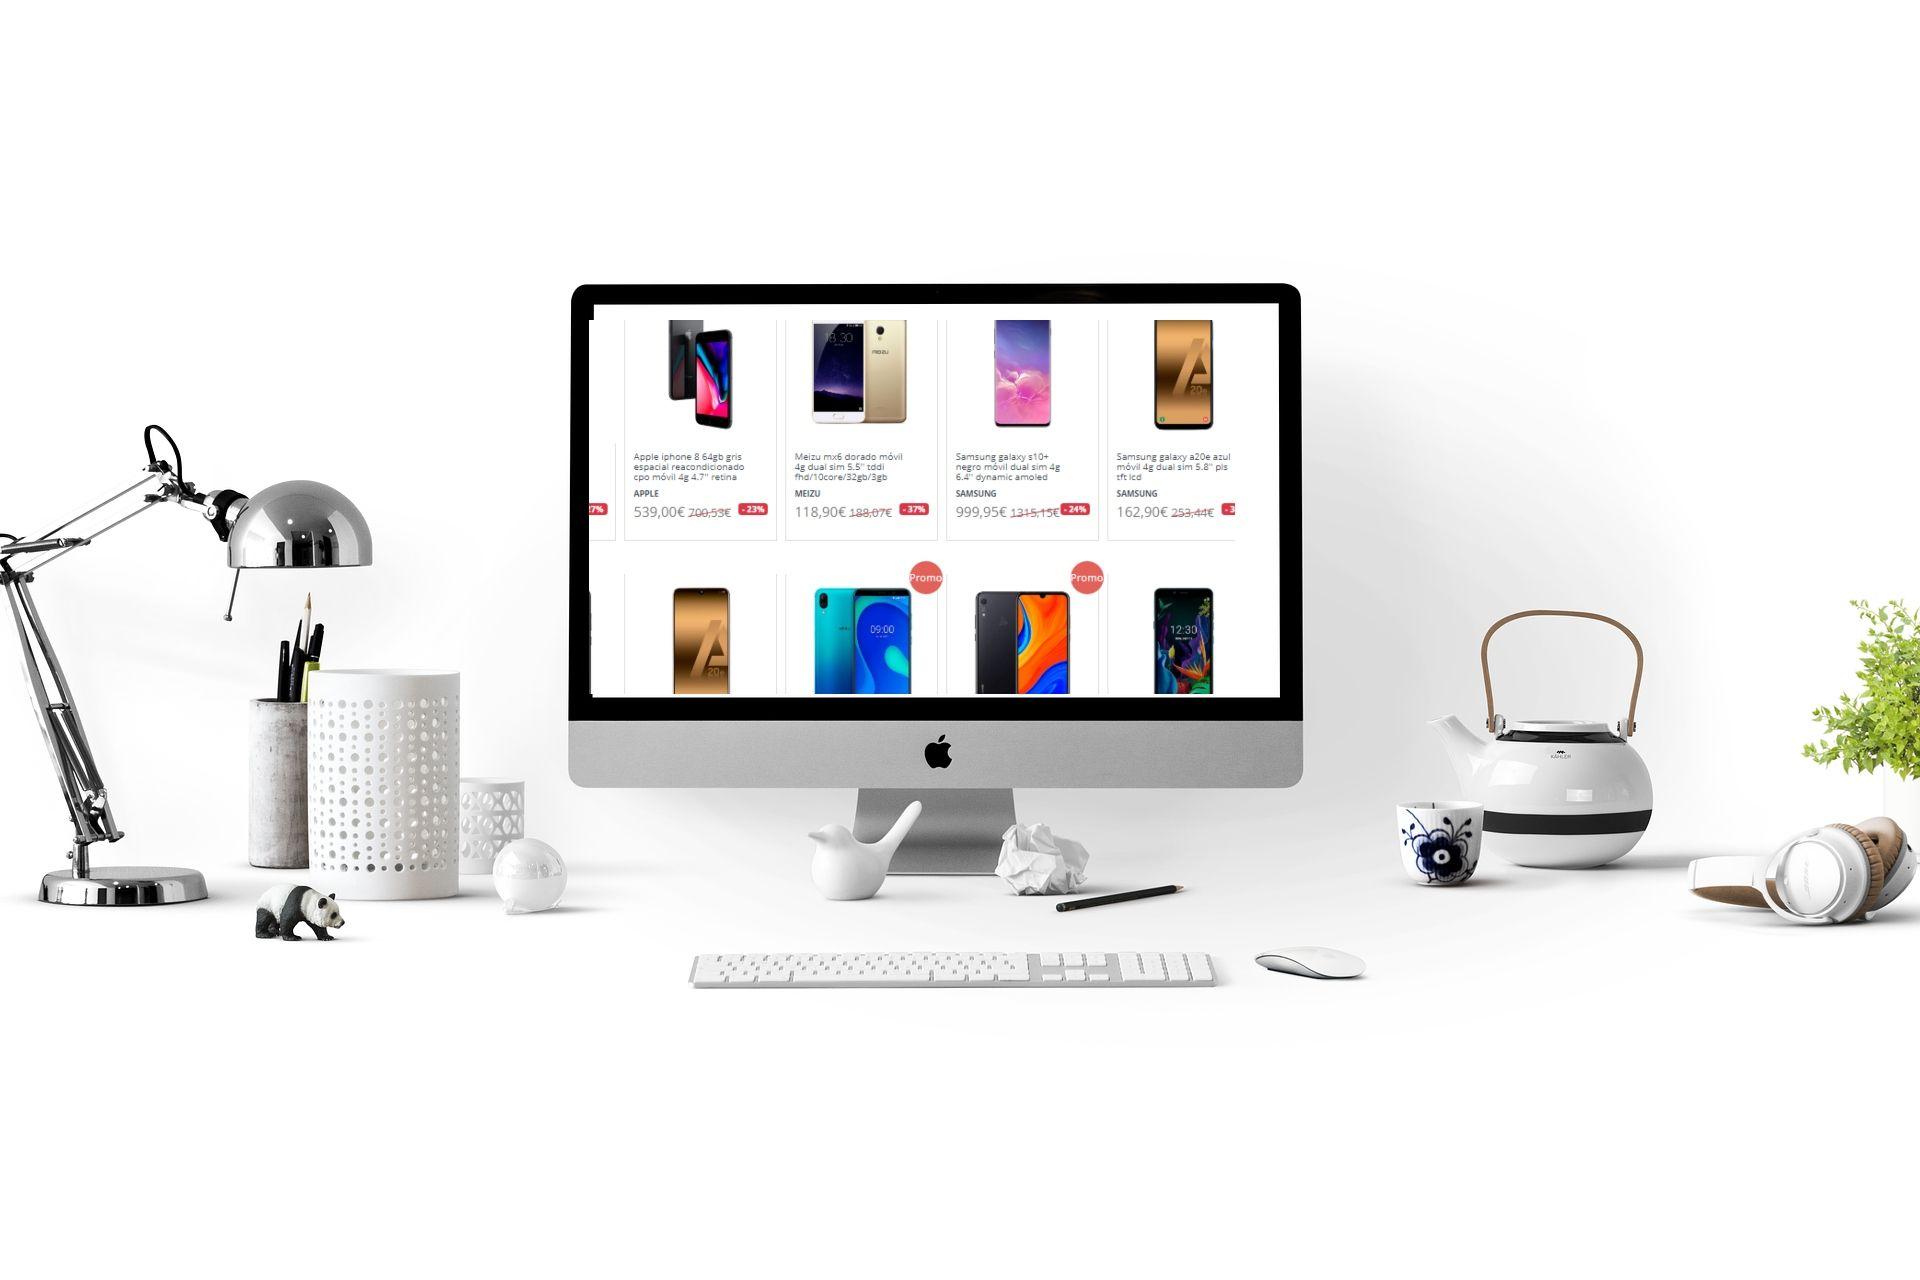 ¿Cómo puede el diseño web ayudar a las empresas actualmente? Impulsa tu Negocio Online explica los motivos